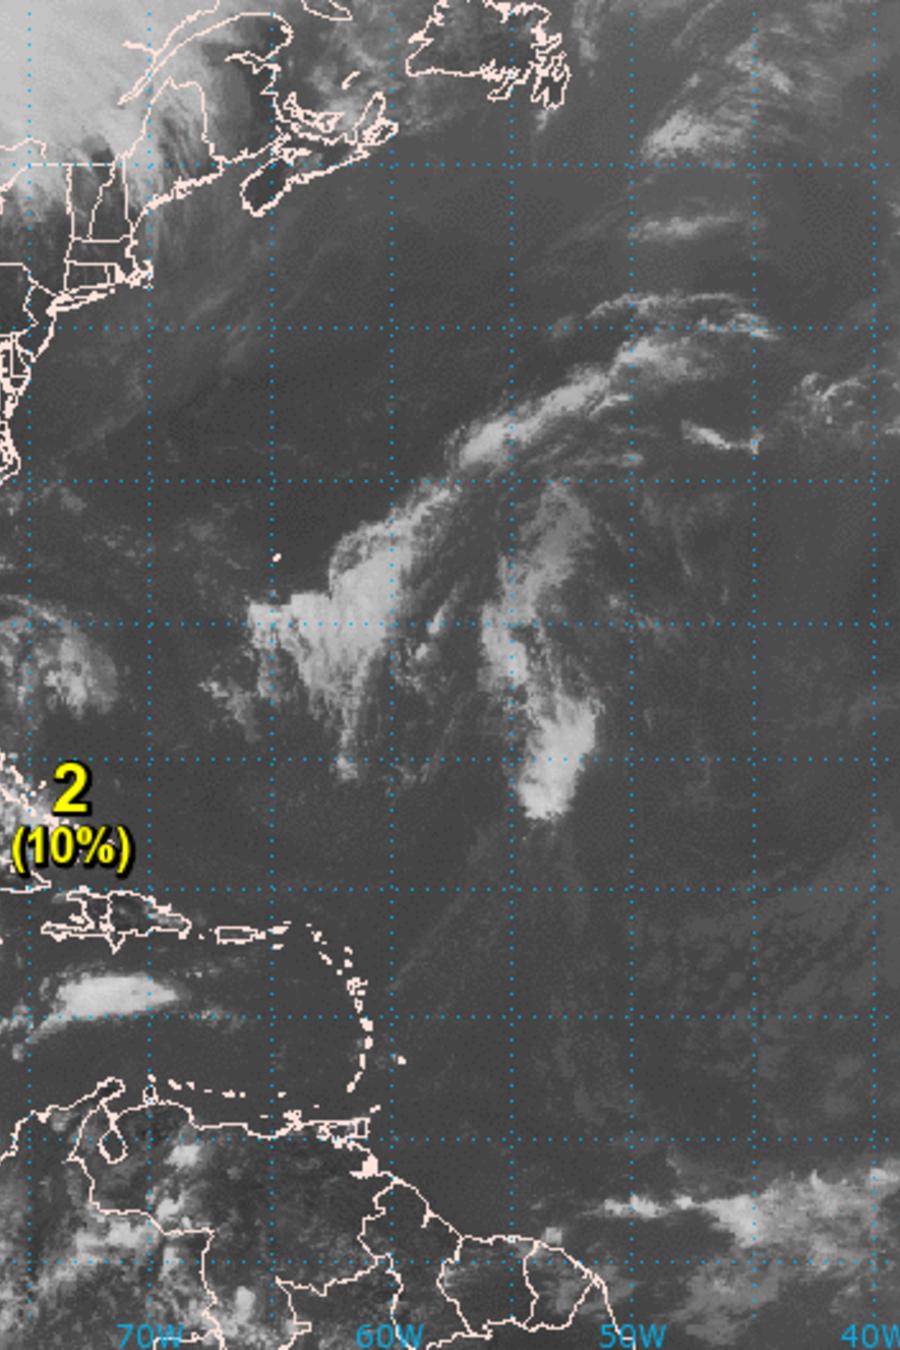 Pronóstico del Centro Nacional de Huracanes del 22 de agosto.